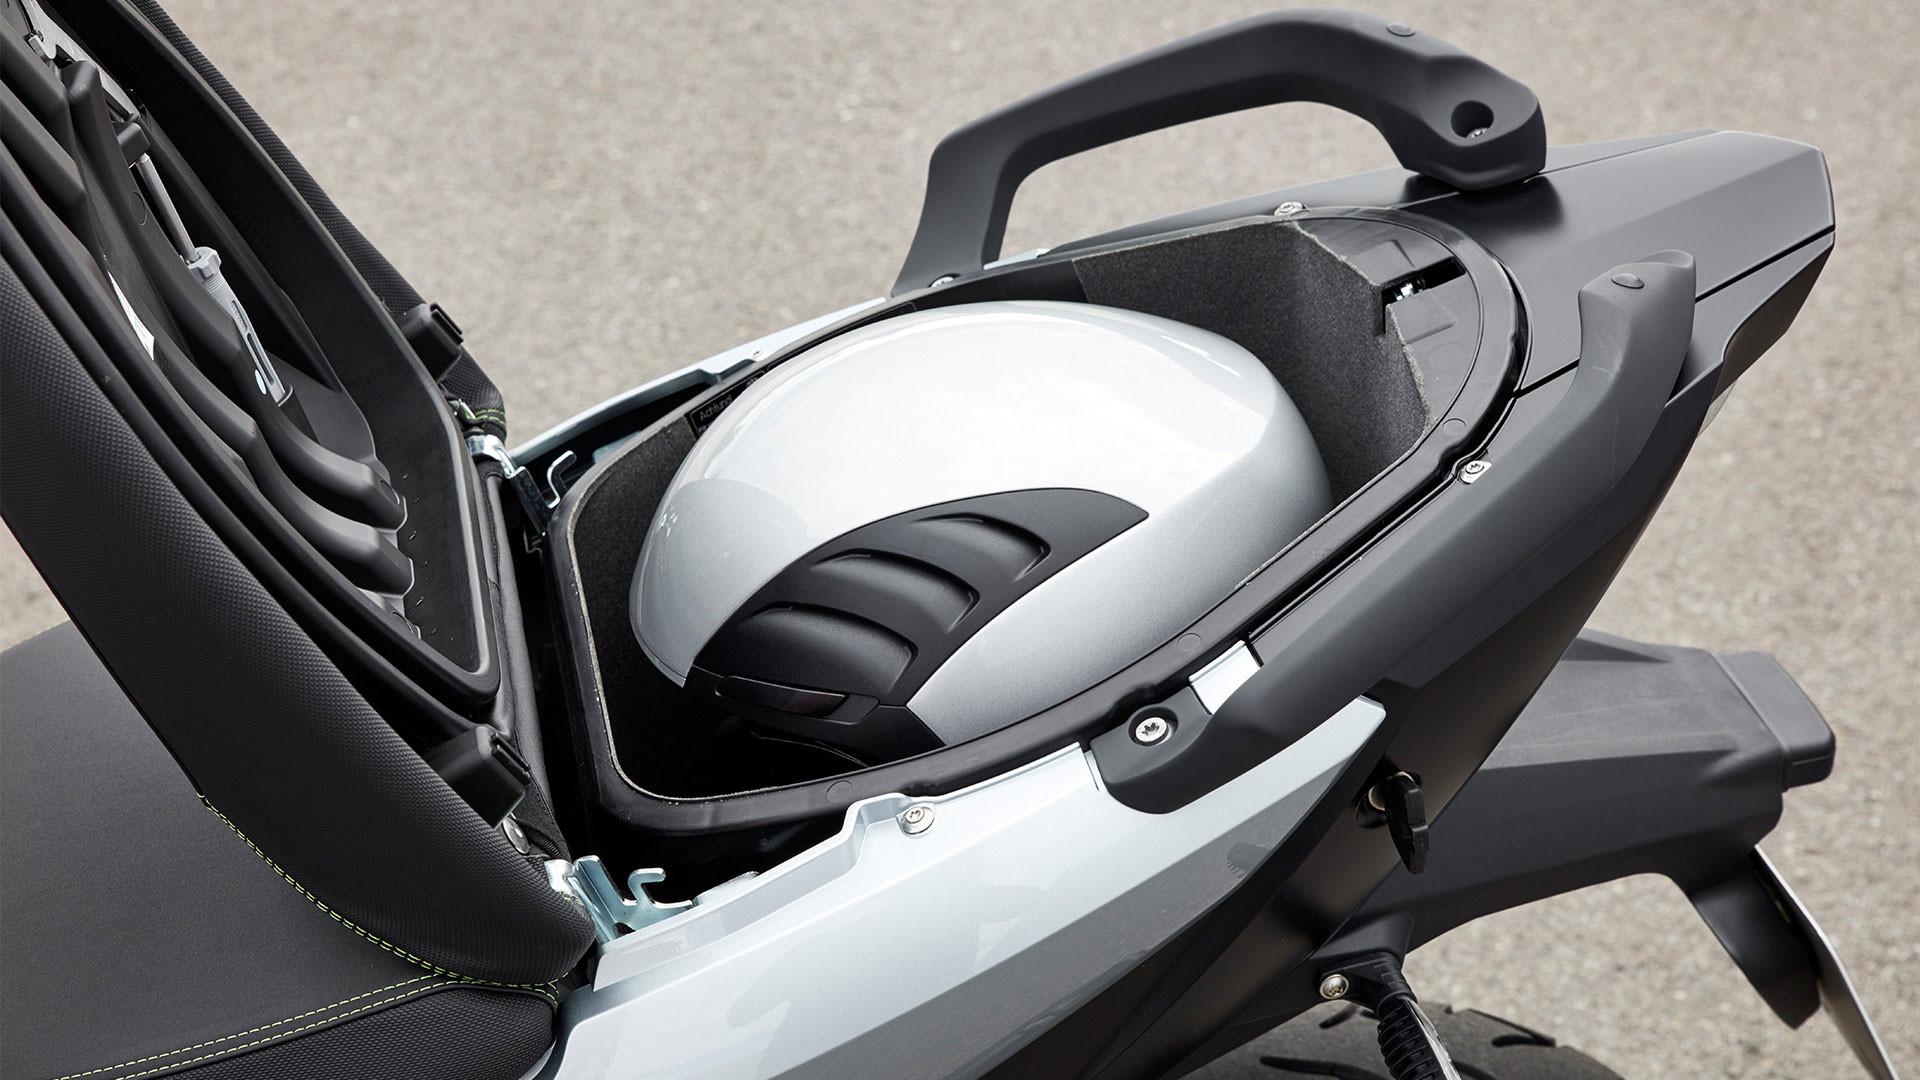 Практичный багажный отсек для шлема.